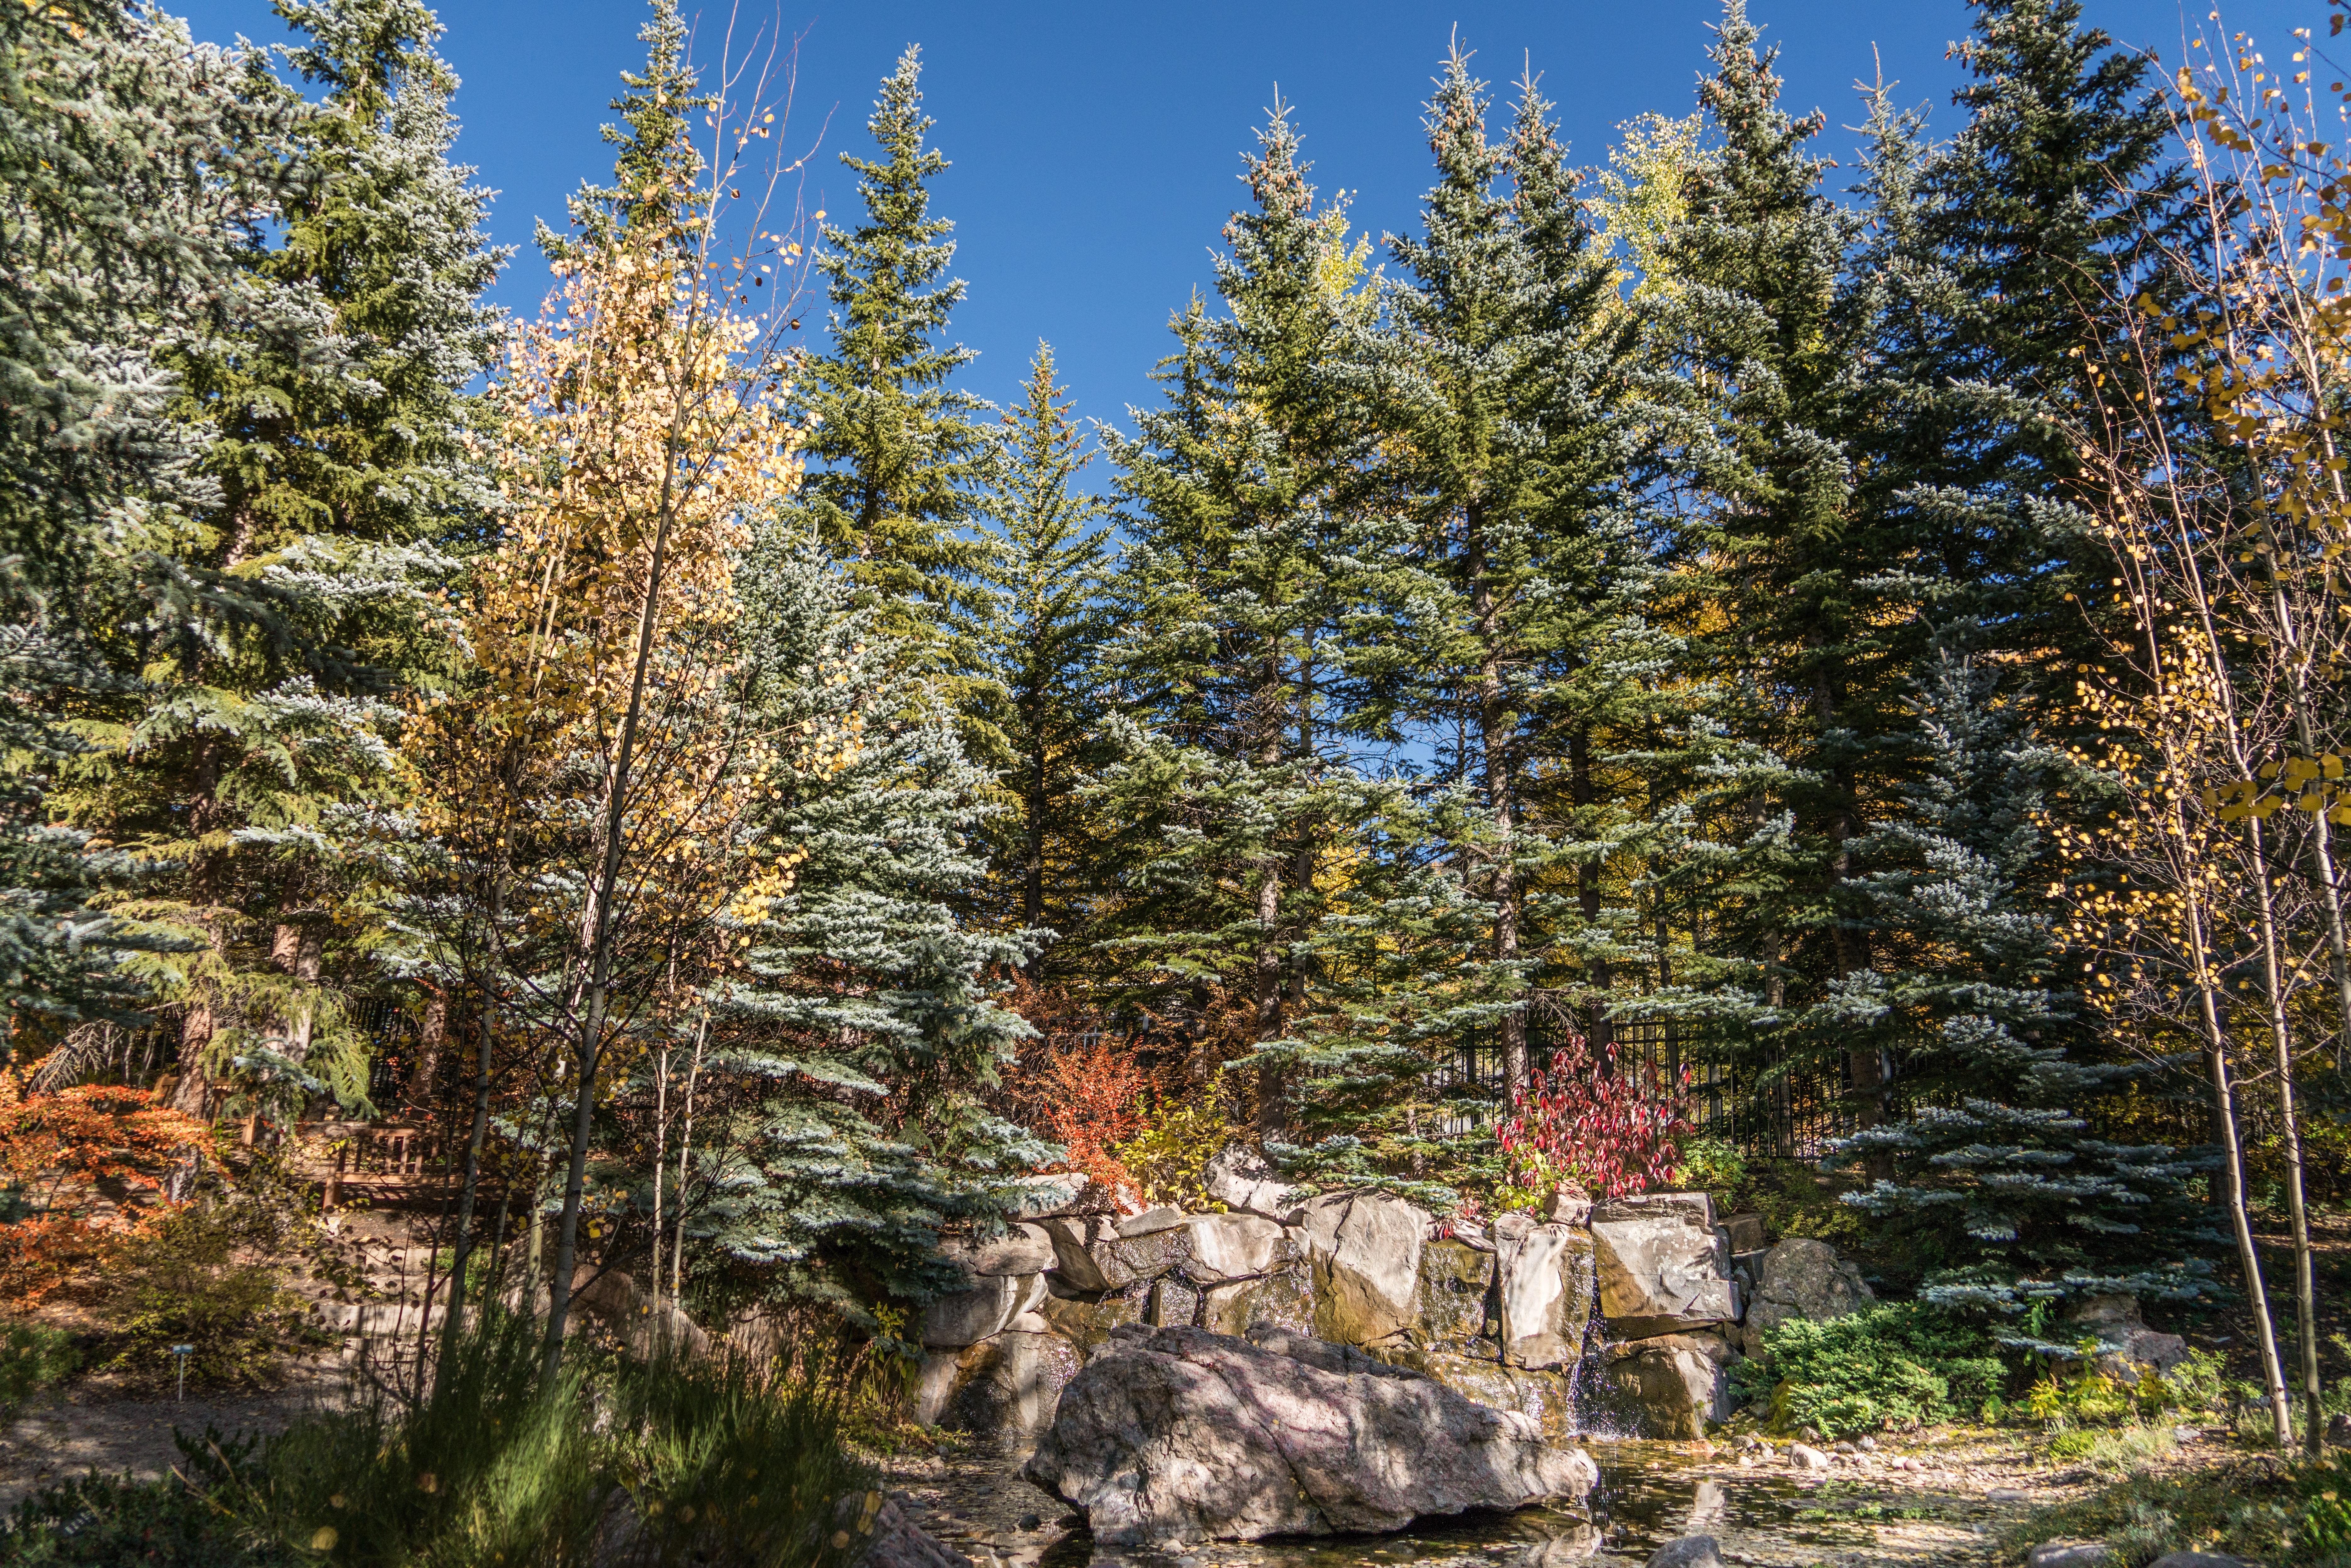 kostenlose foto : landschaft, baum, natur, wald, draussen, wildnis